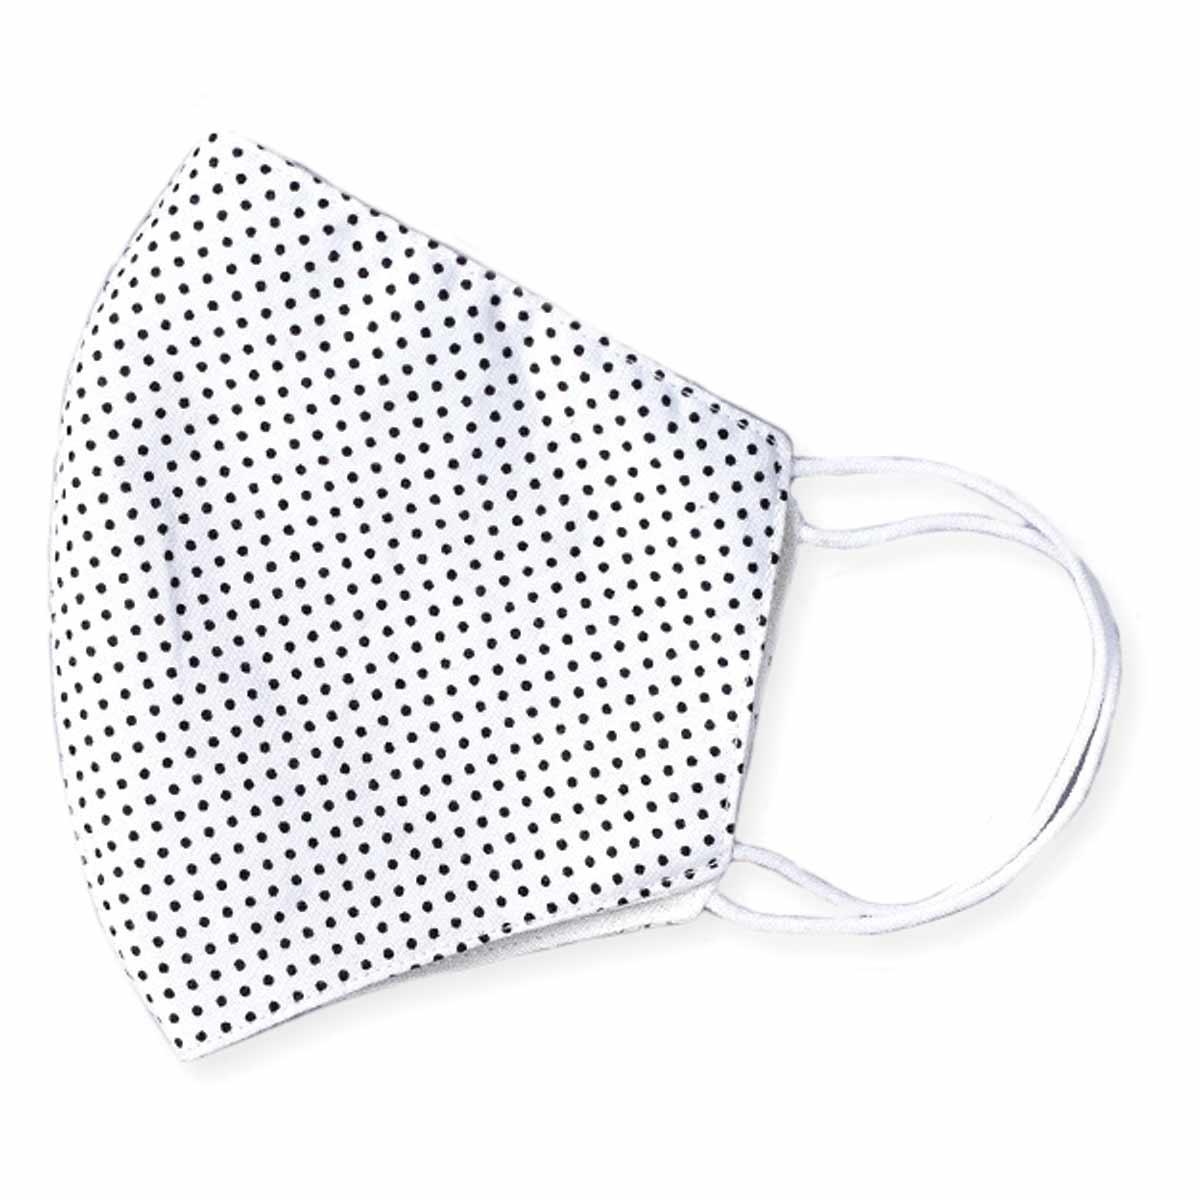 White & Black Polka Dot Face Mask